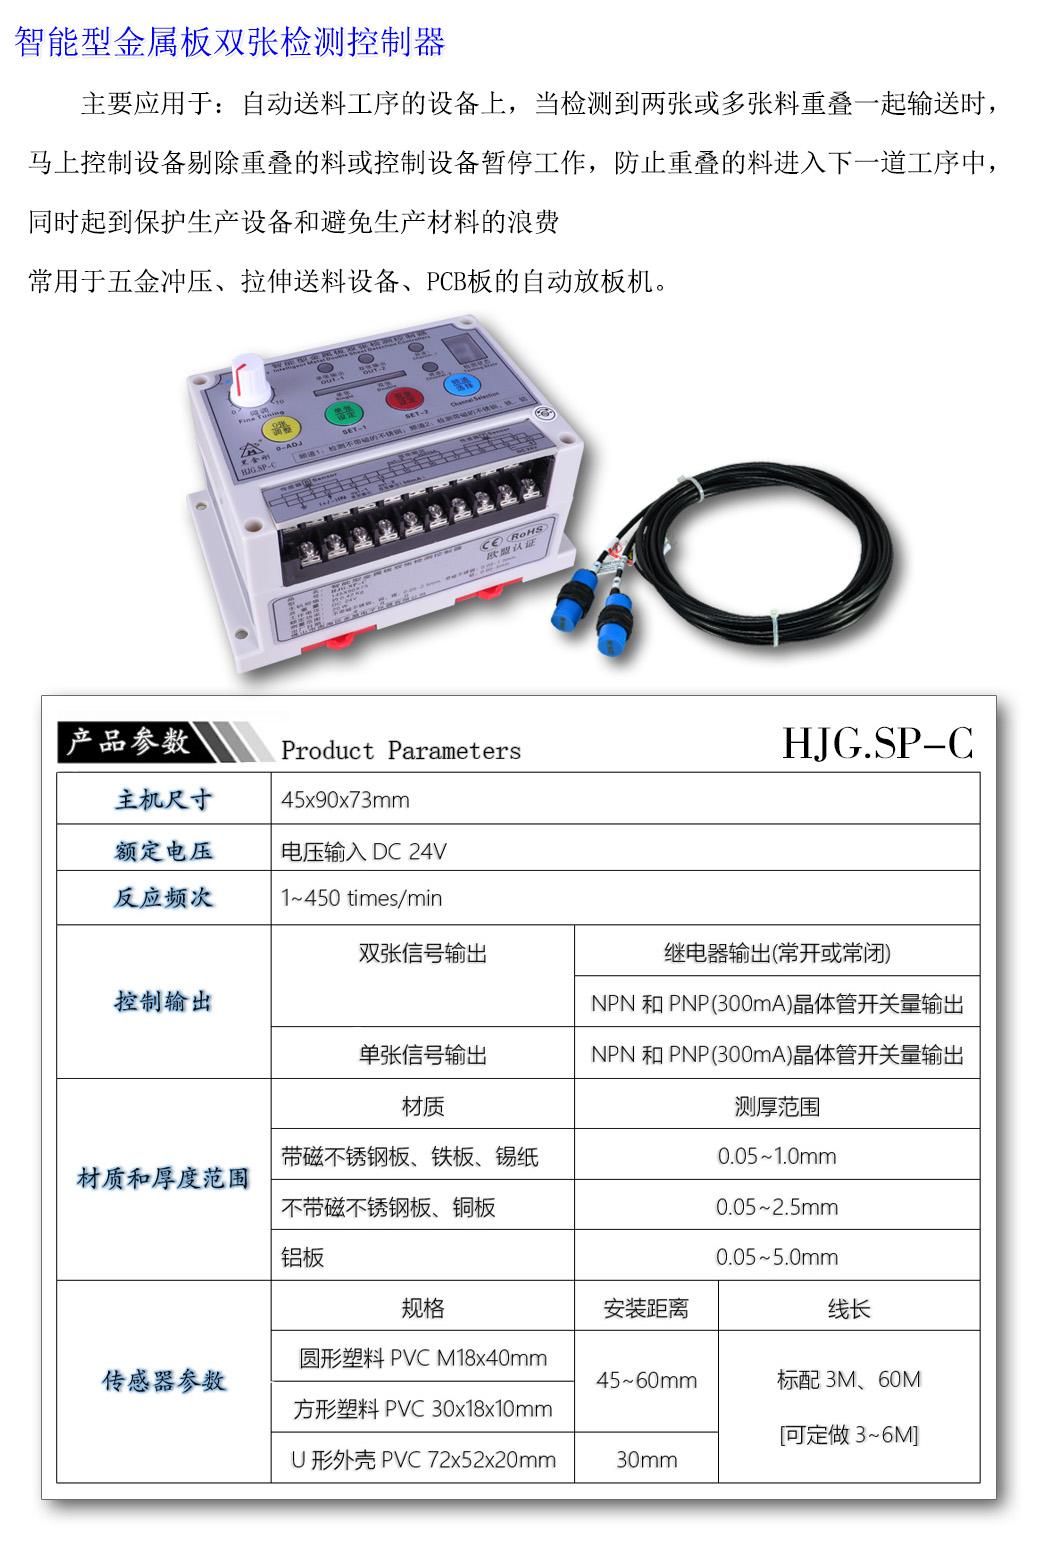 SP-C不锈钢冲压拉伸重叠检测参数